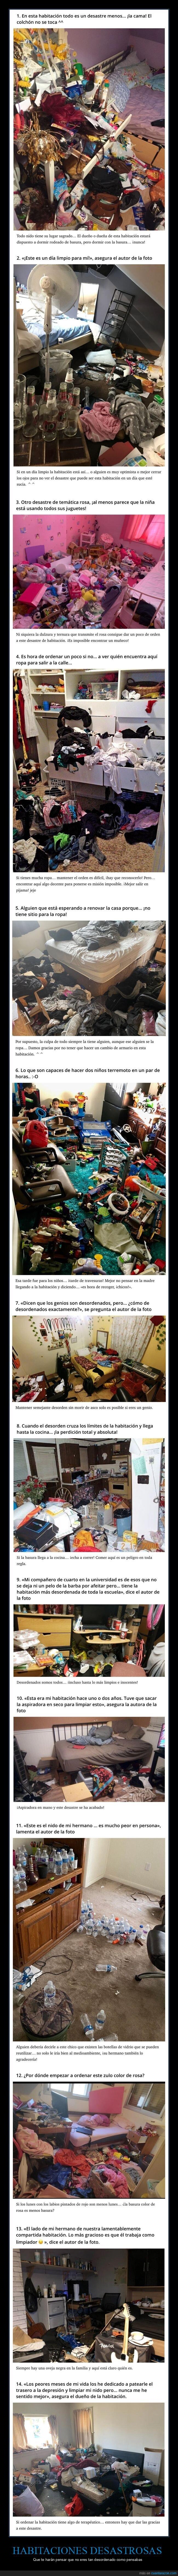 desastres,habitaciones